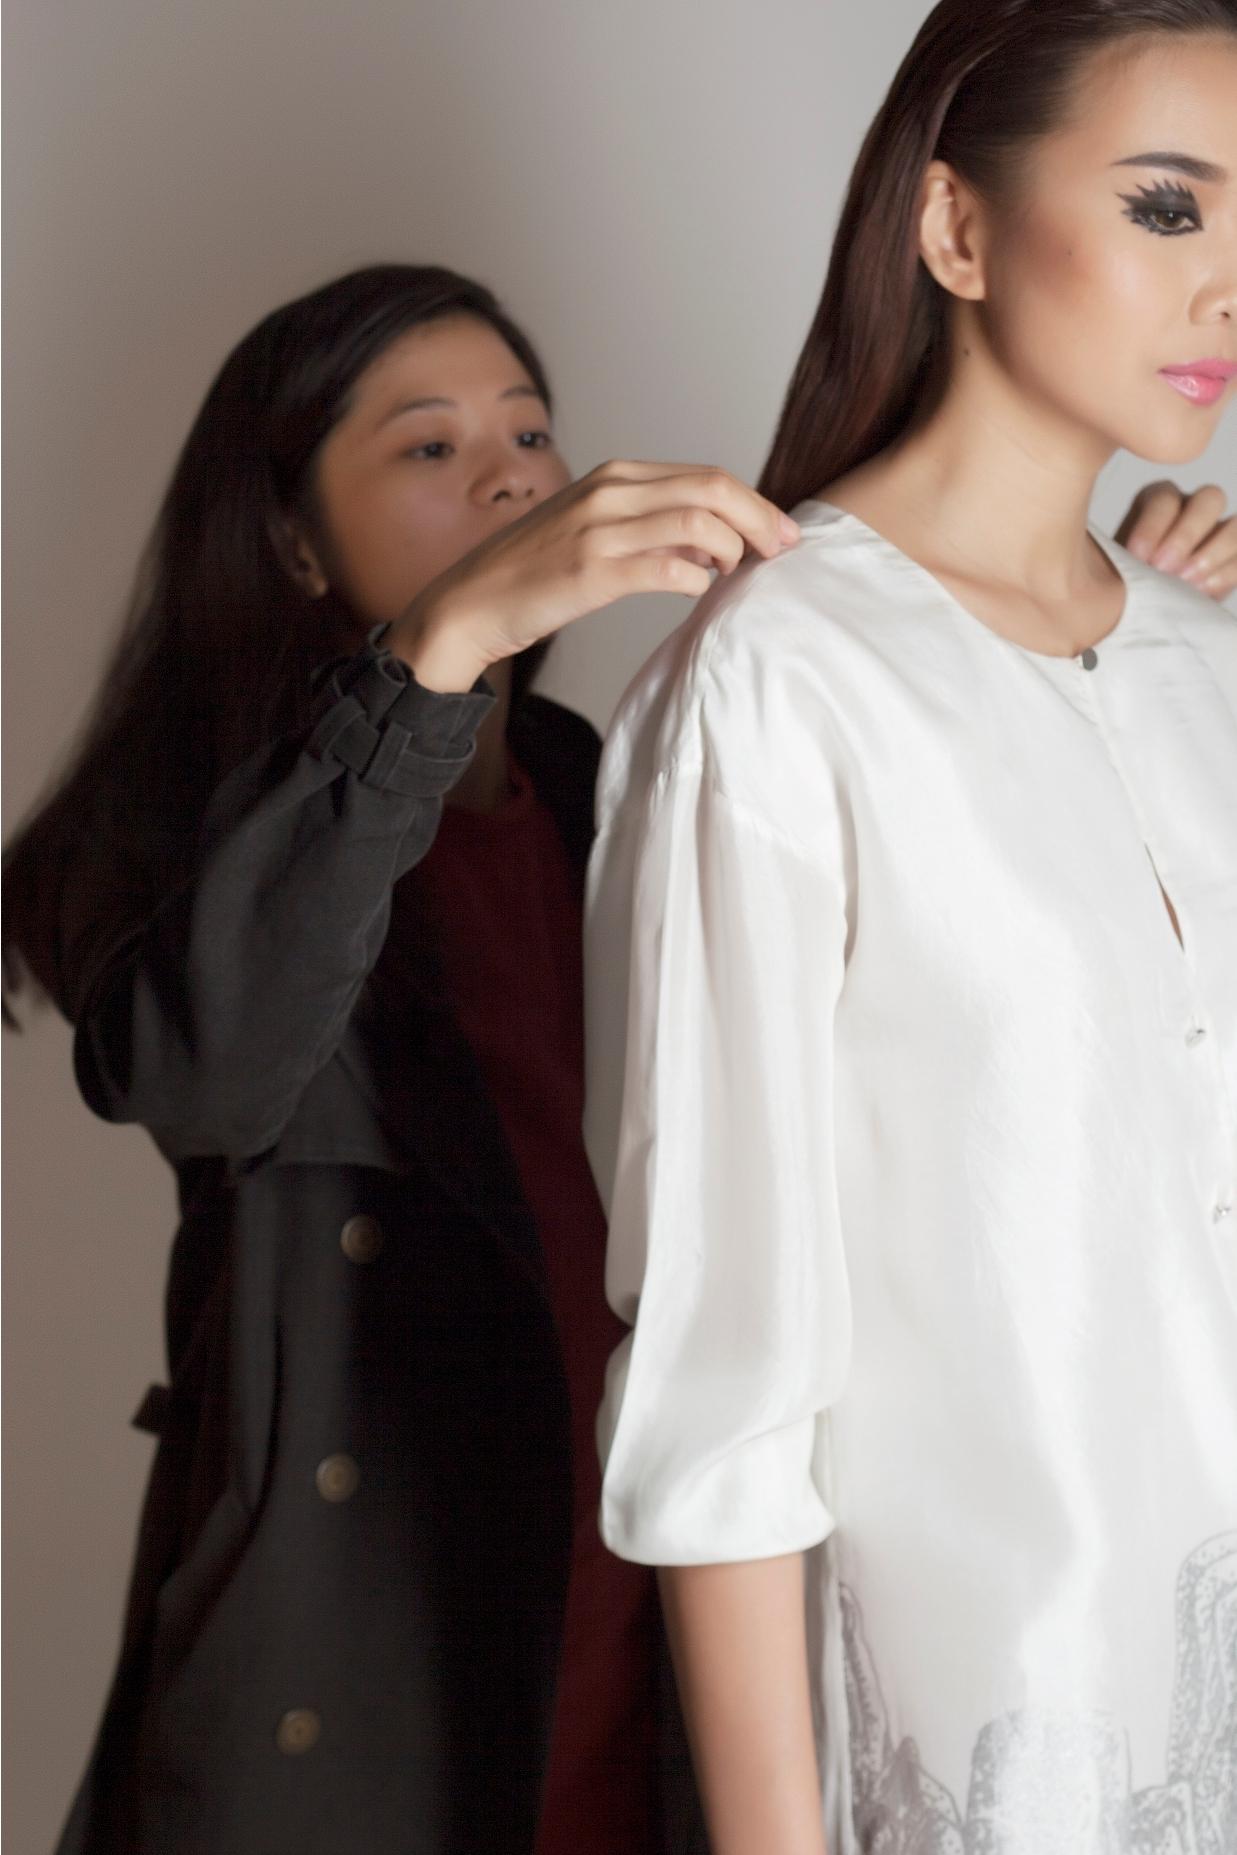 Thanh Hằng lạnh lùng trong hậu trường buổi chụp ảnh - 4